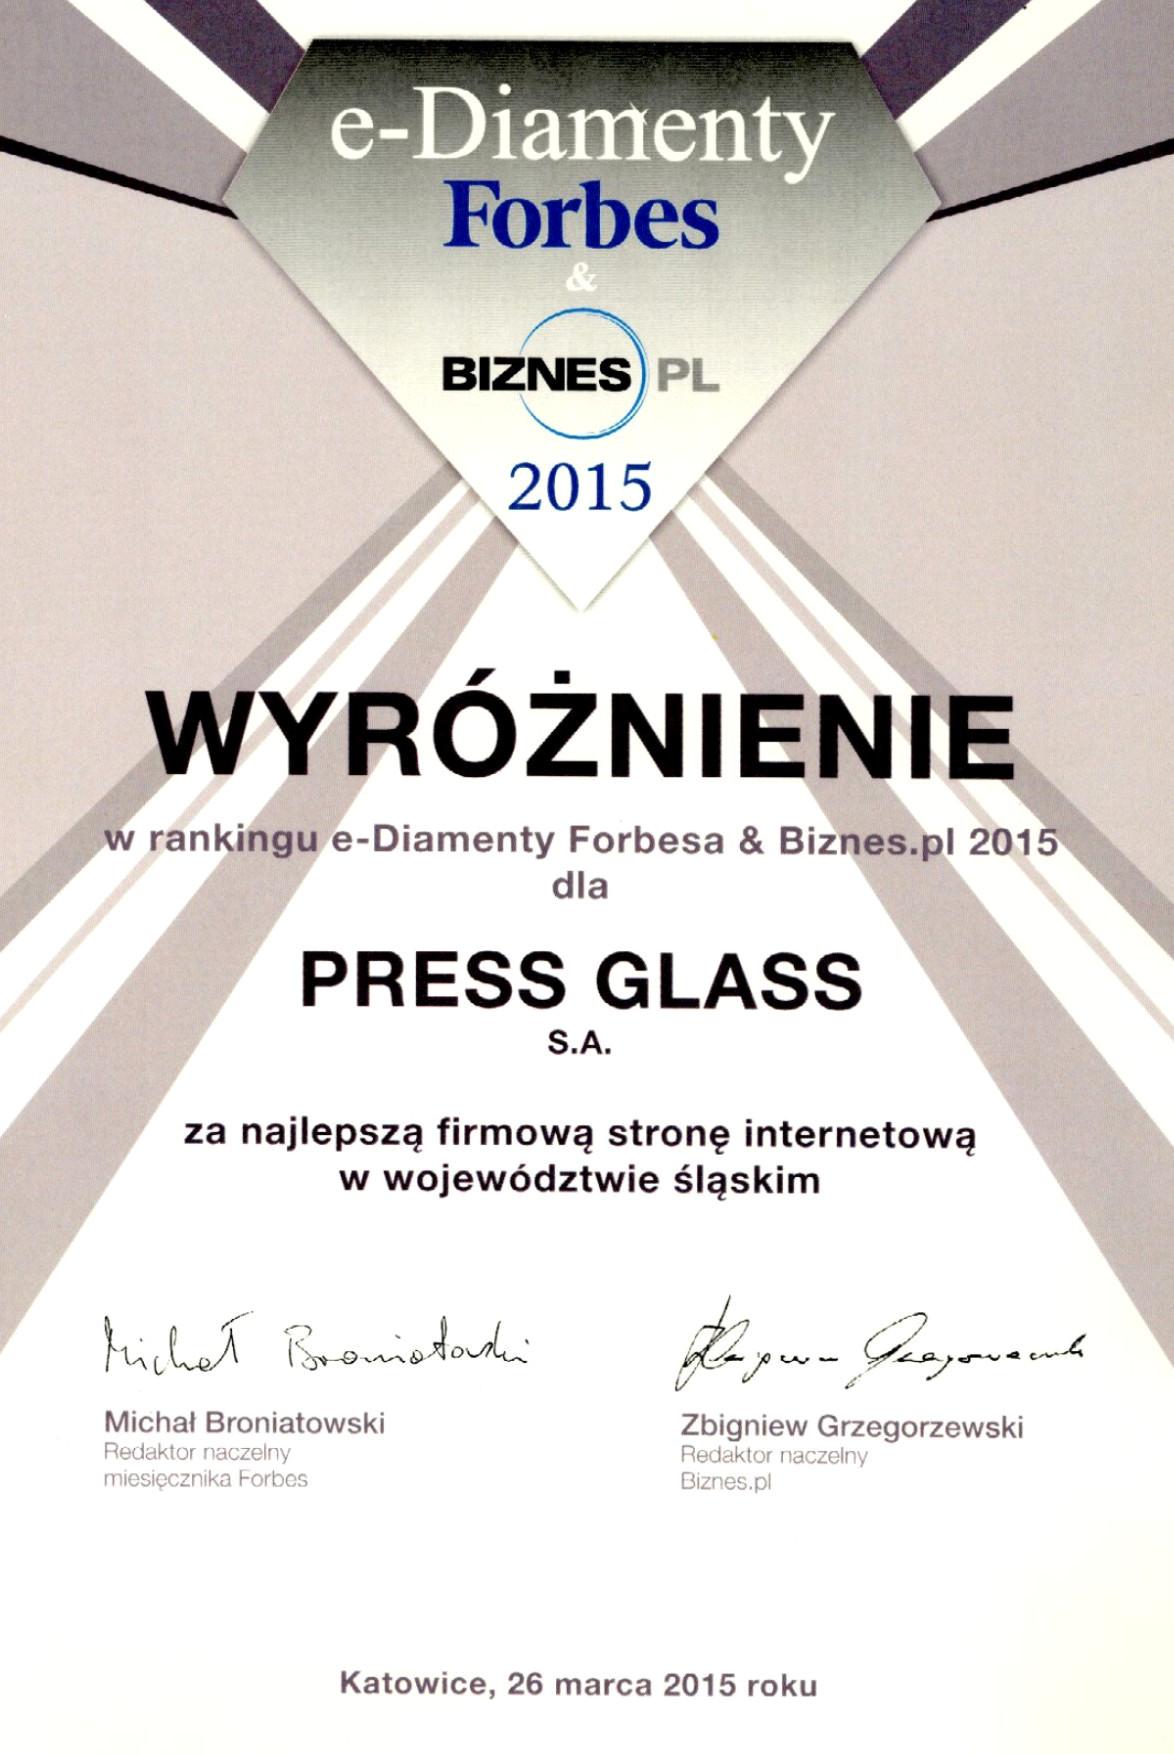 Forbes & Biznes.pl e-Diamond